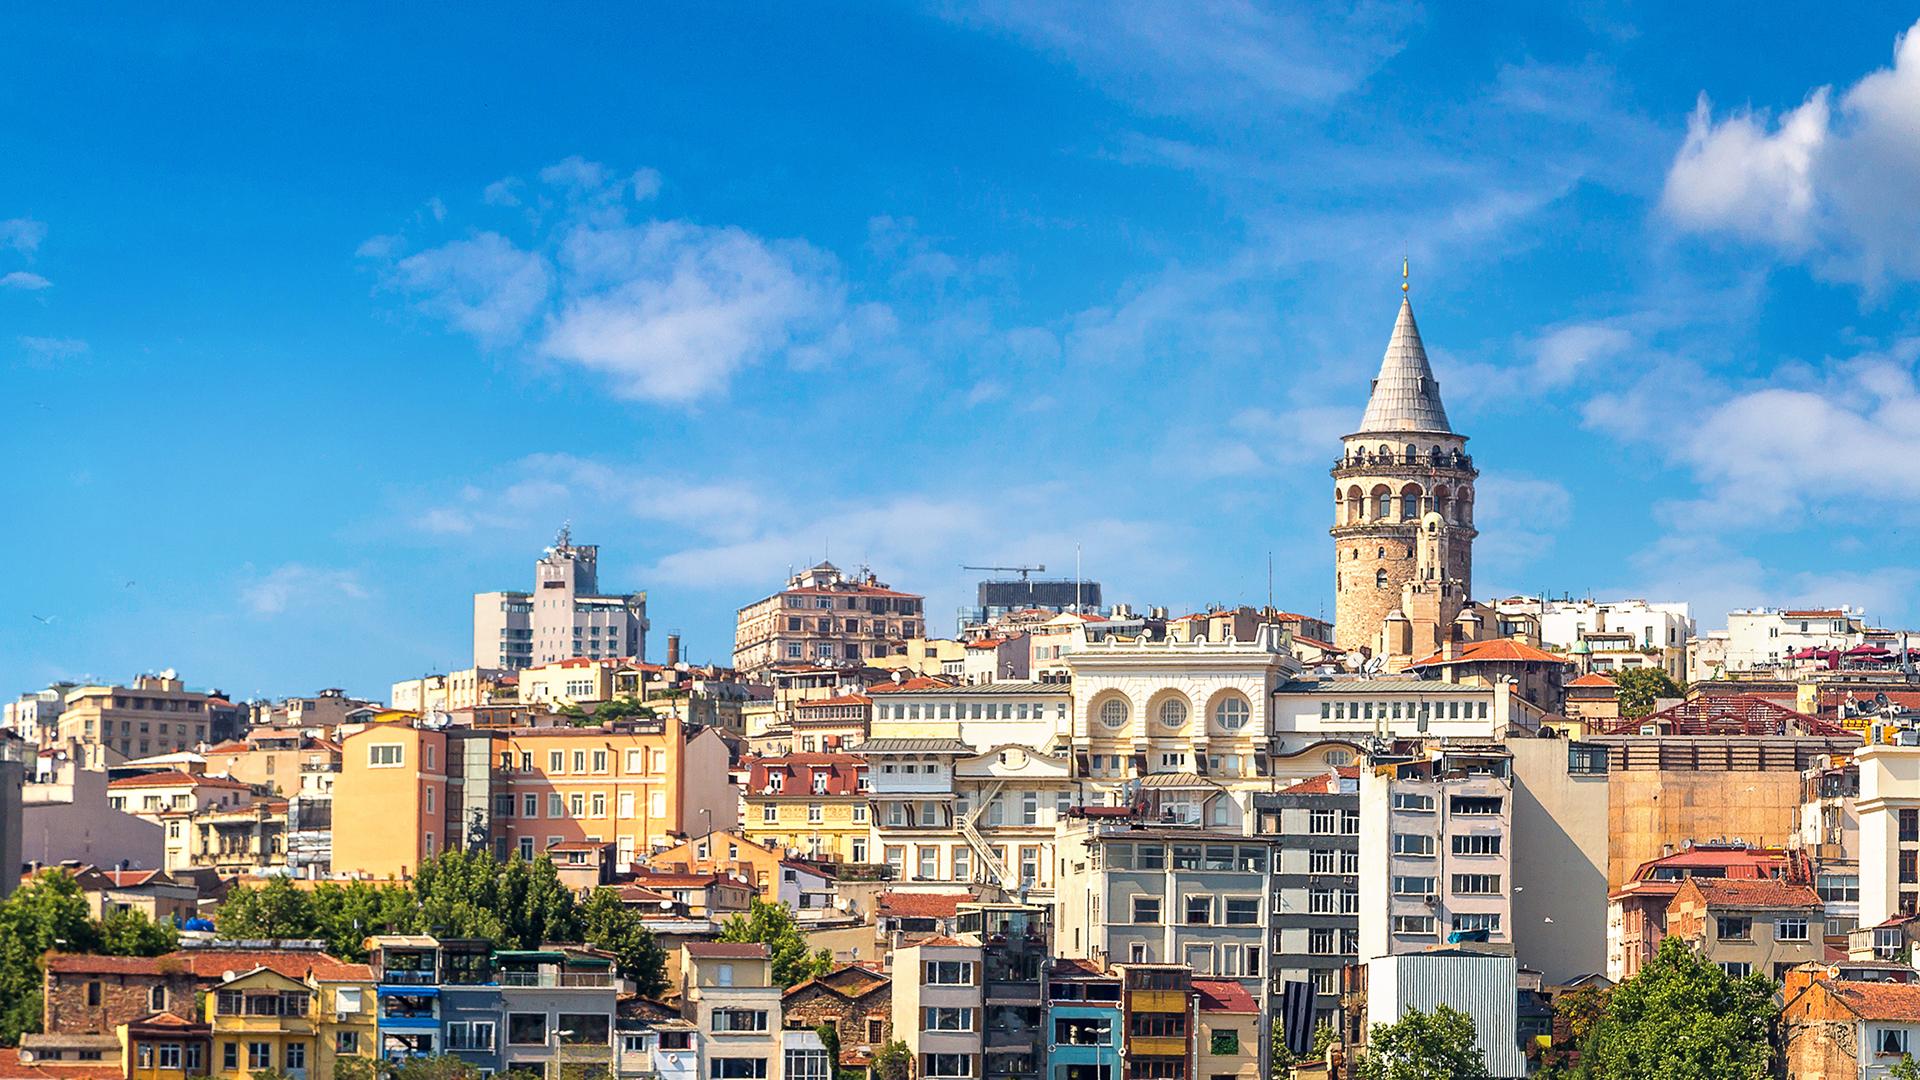 Turkish city skyline